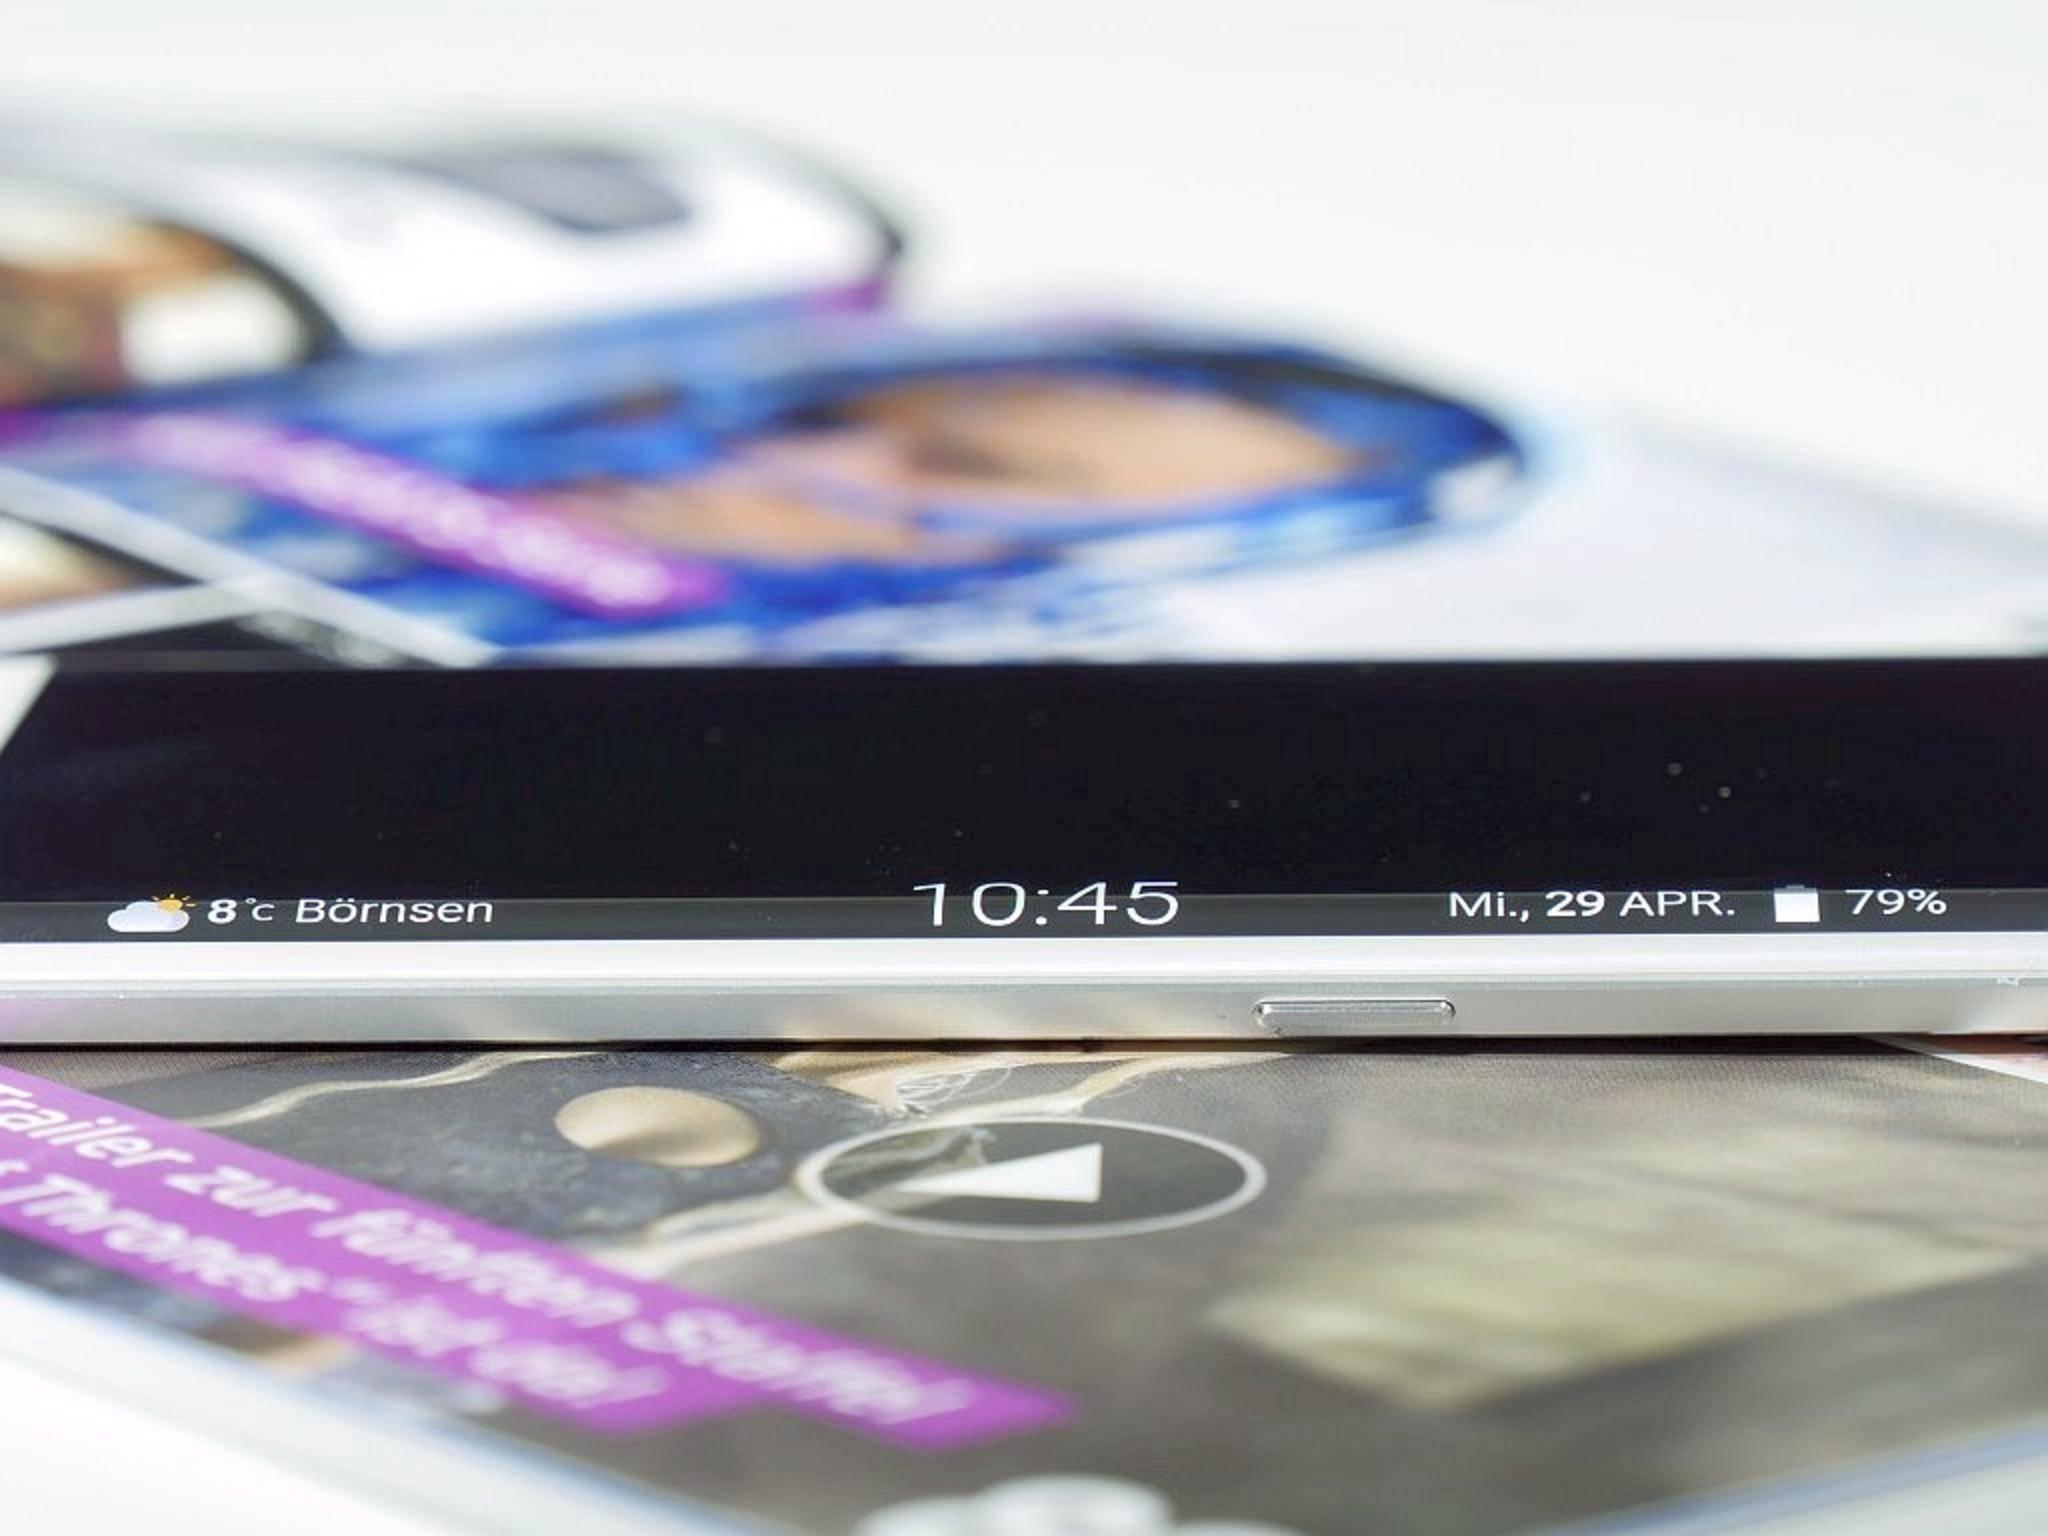 Der Seitenbildschirm kann auch die Uhrzeit anzeigen.